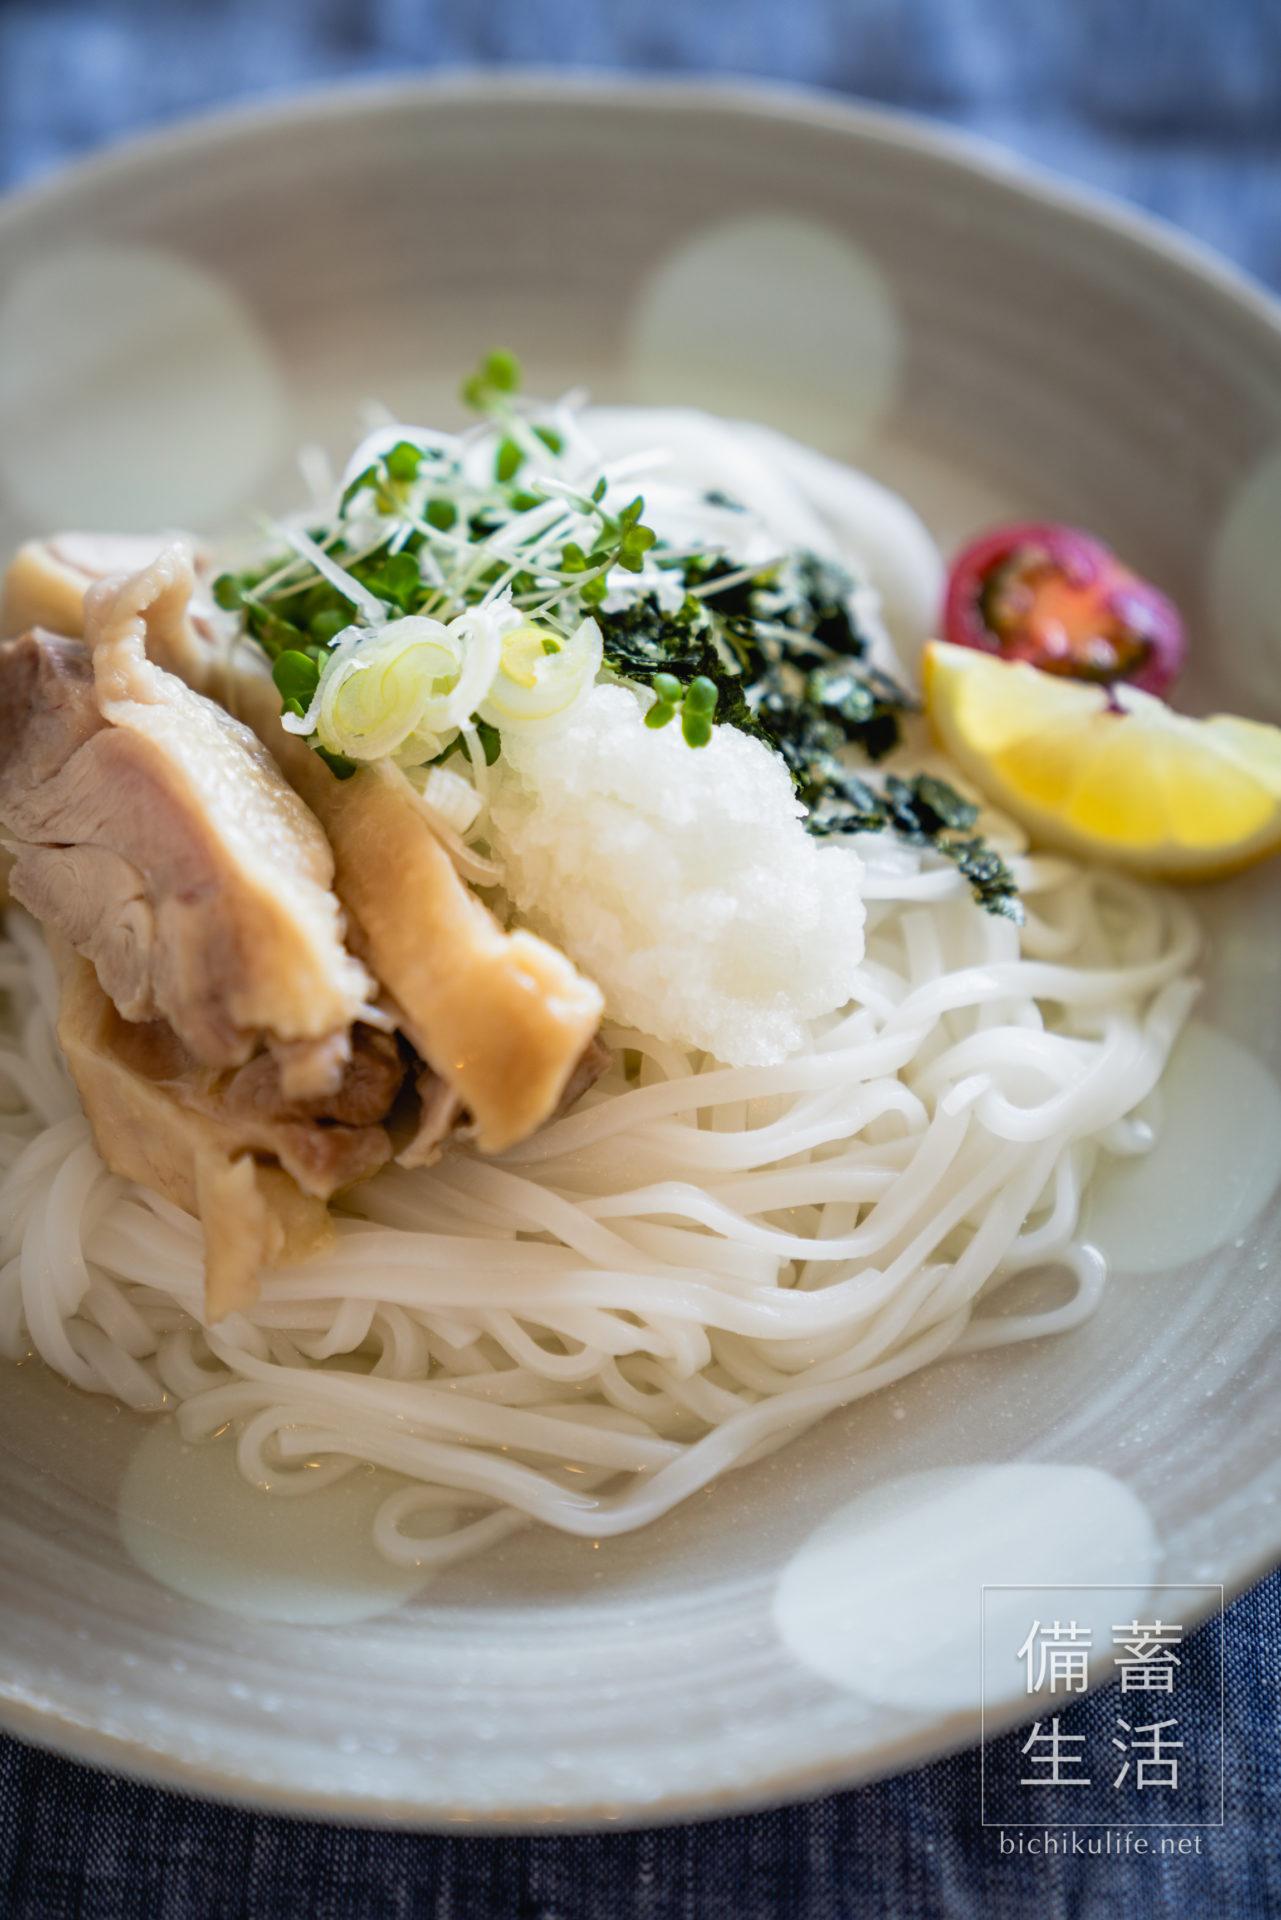 こまち麺 秋田県産あきたこまちを使用の半生麺のレシピ、鶏肉おろしのお米麺